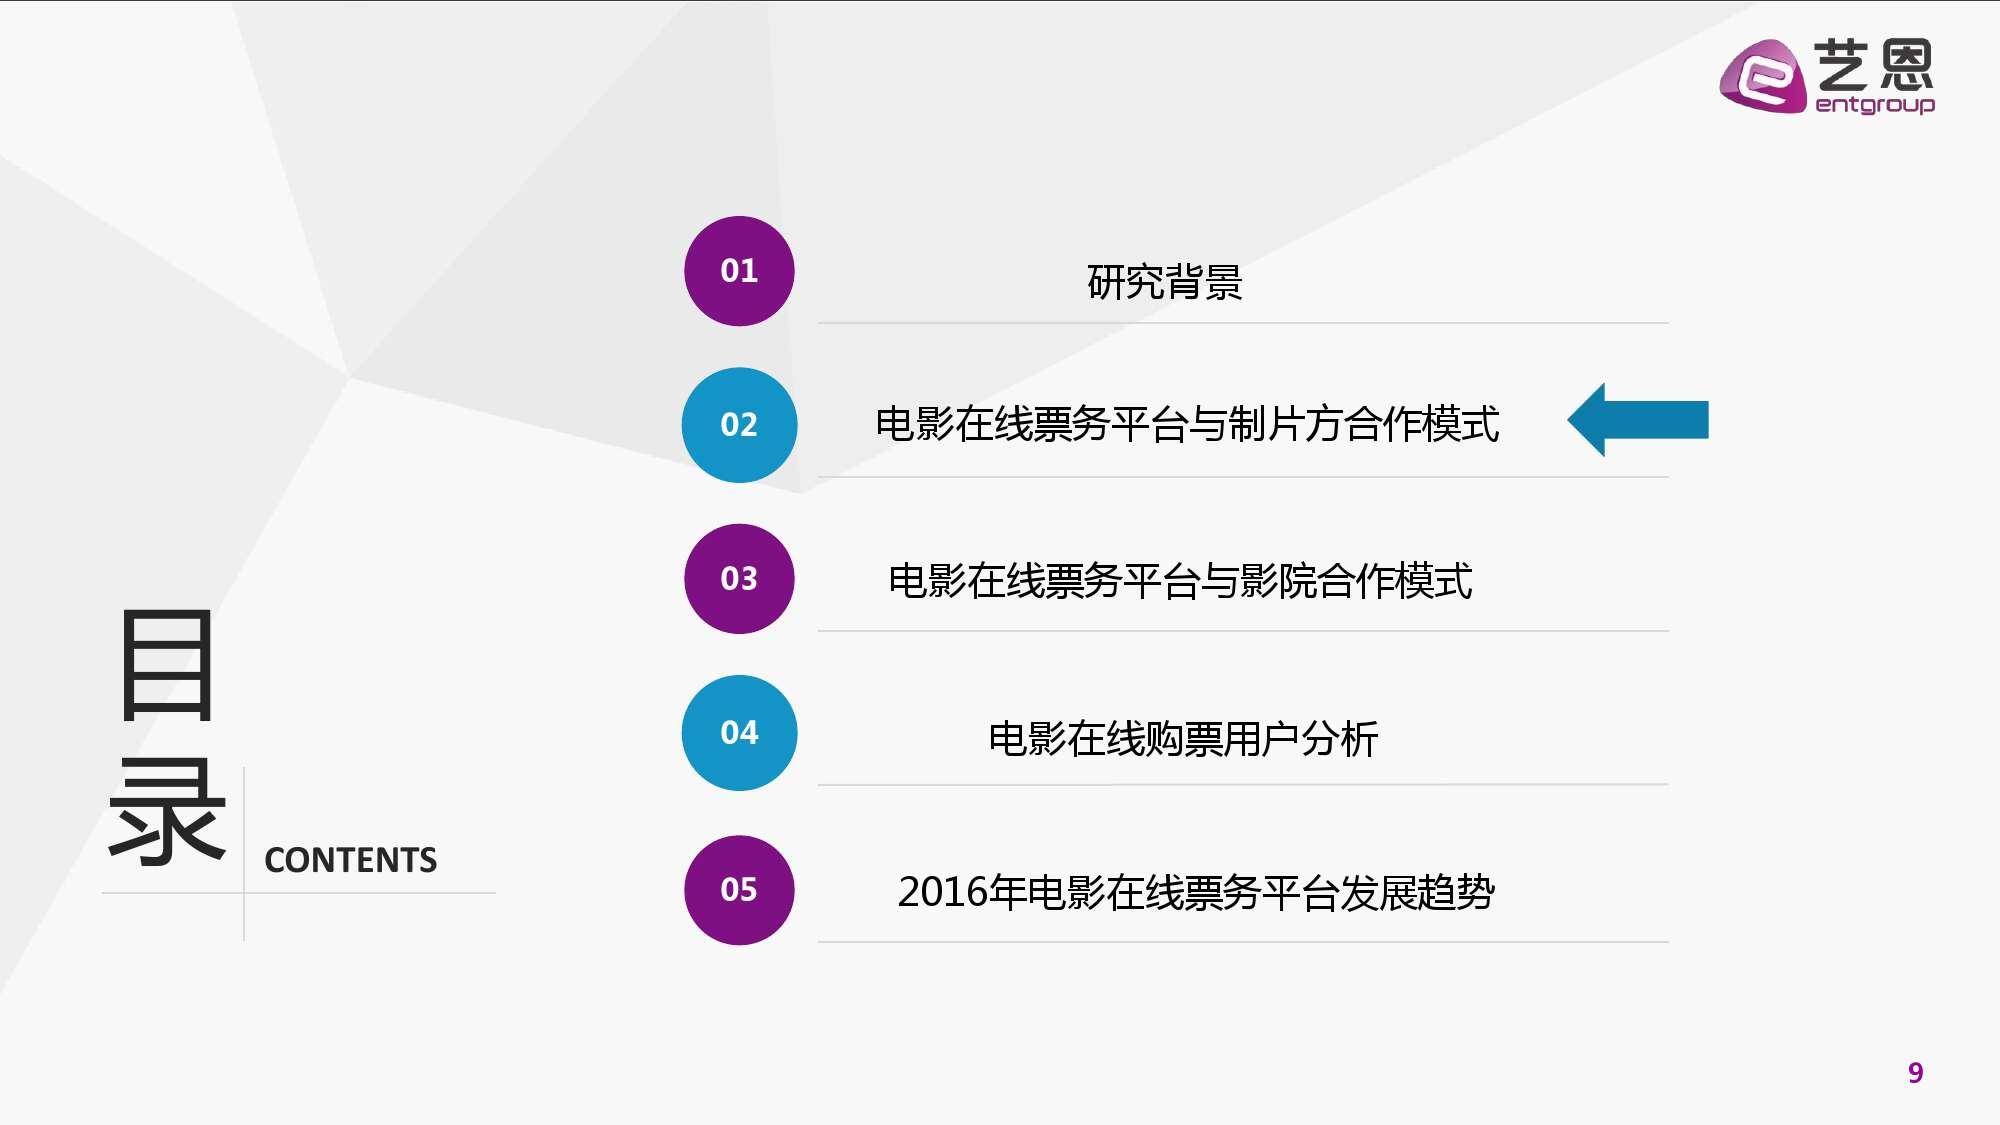 2016年中国电影在线票务市场研究报告_000009